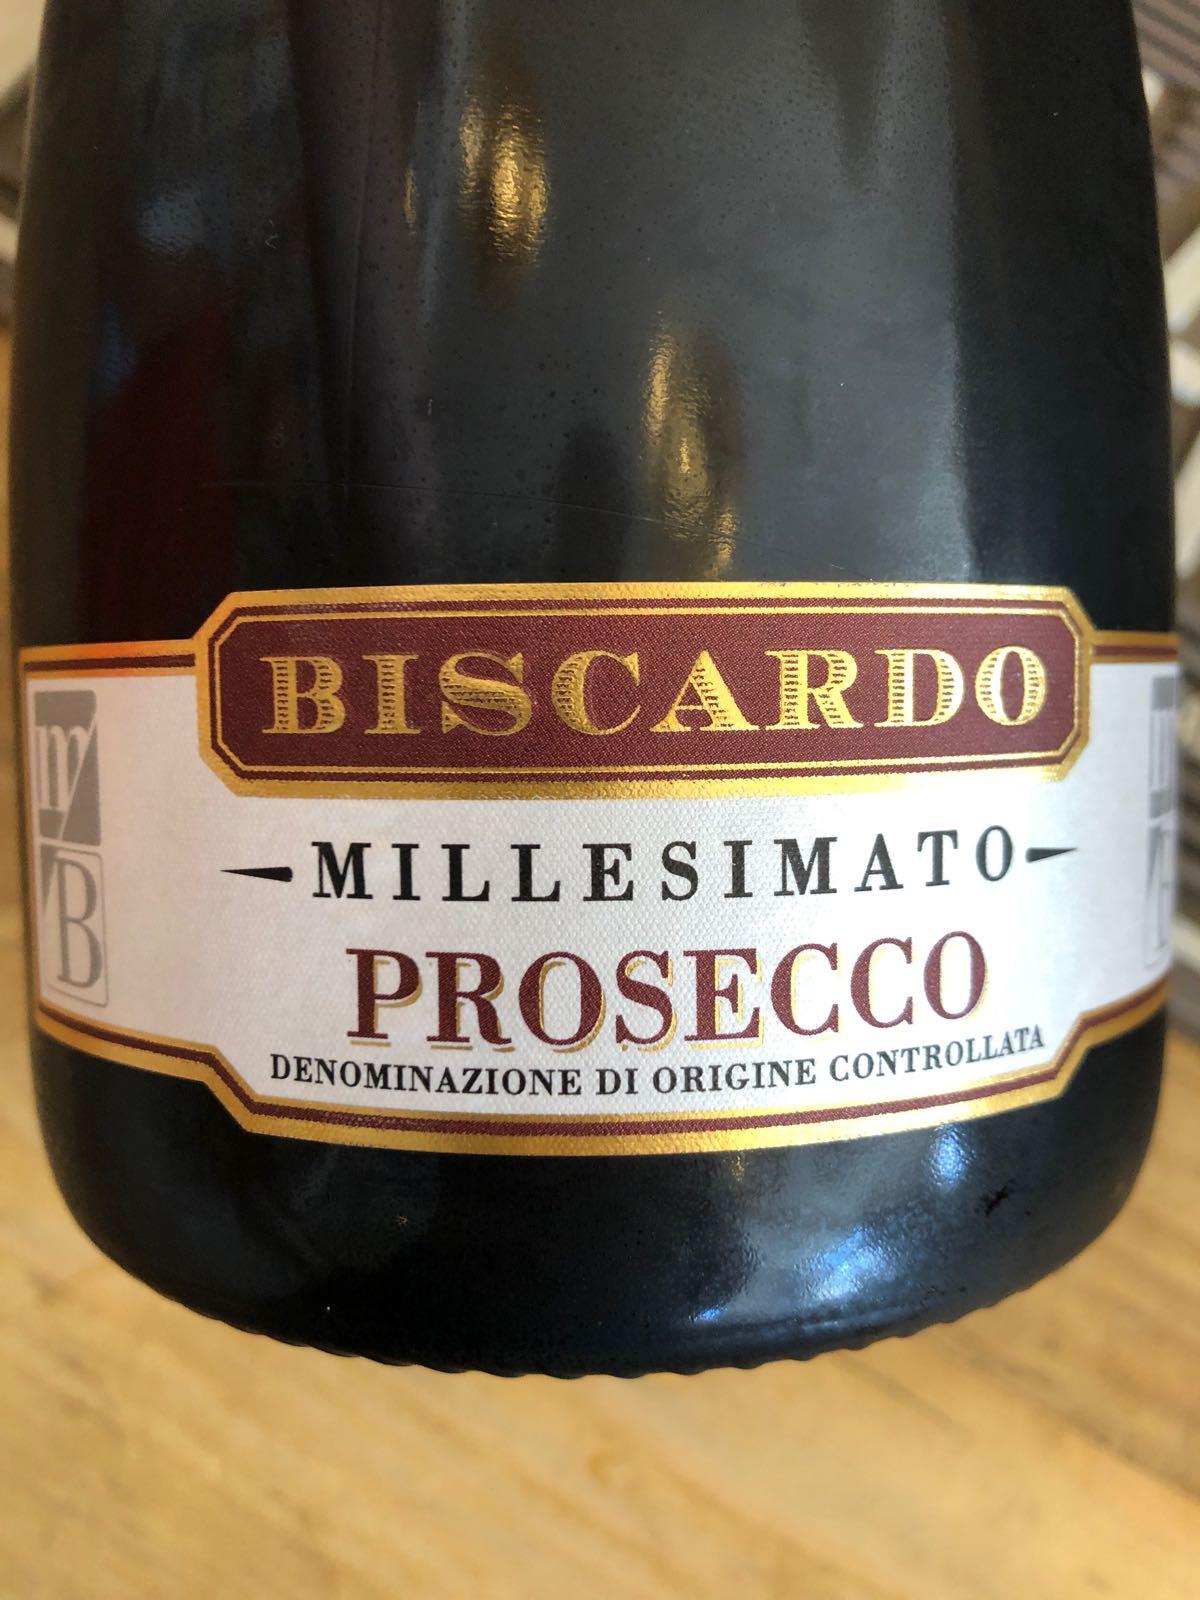 Biscardo Prosecco